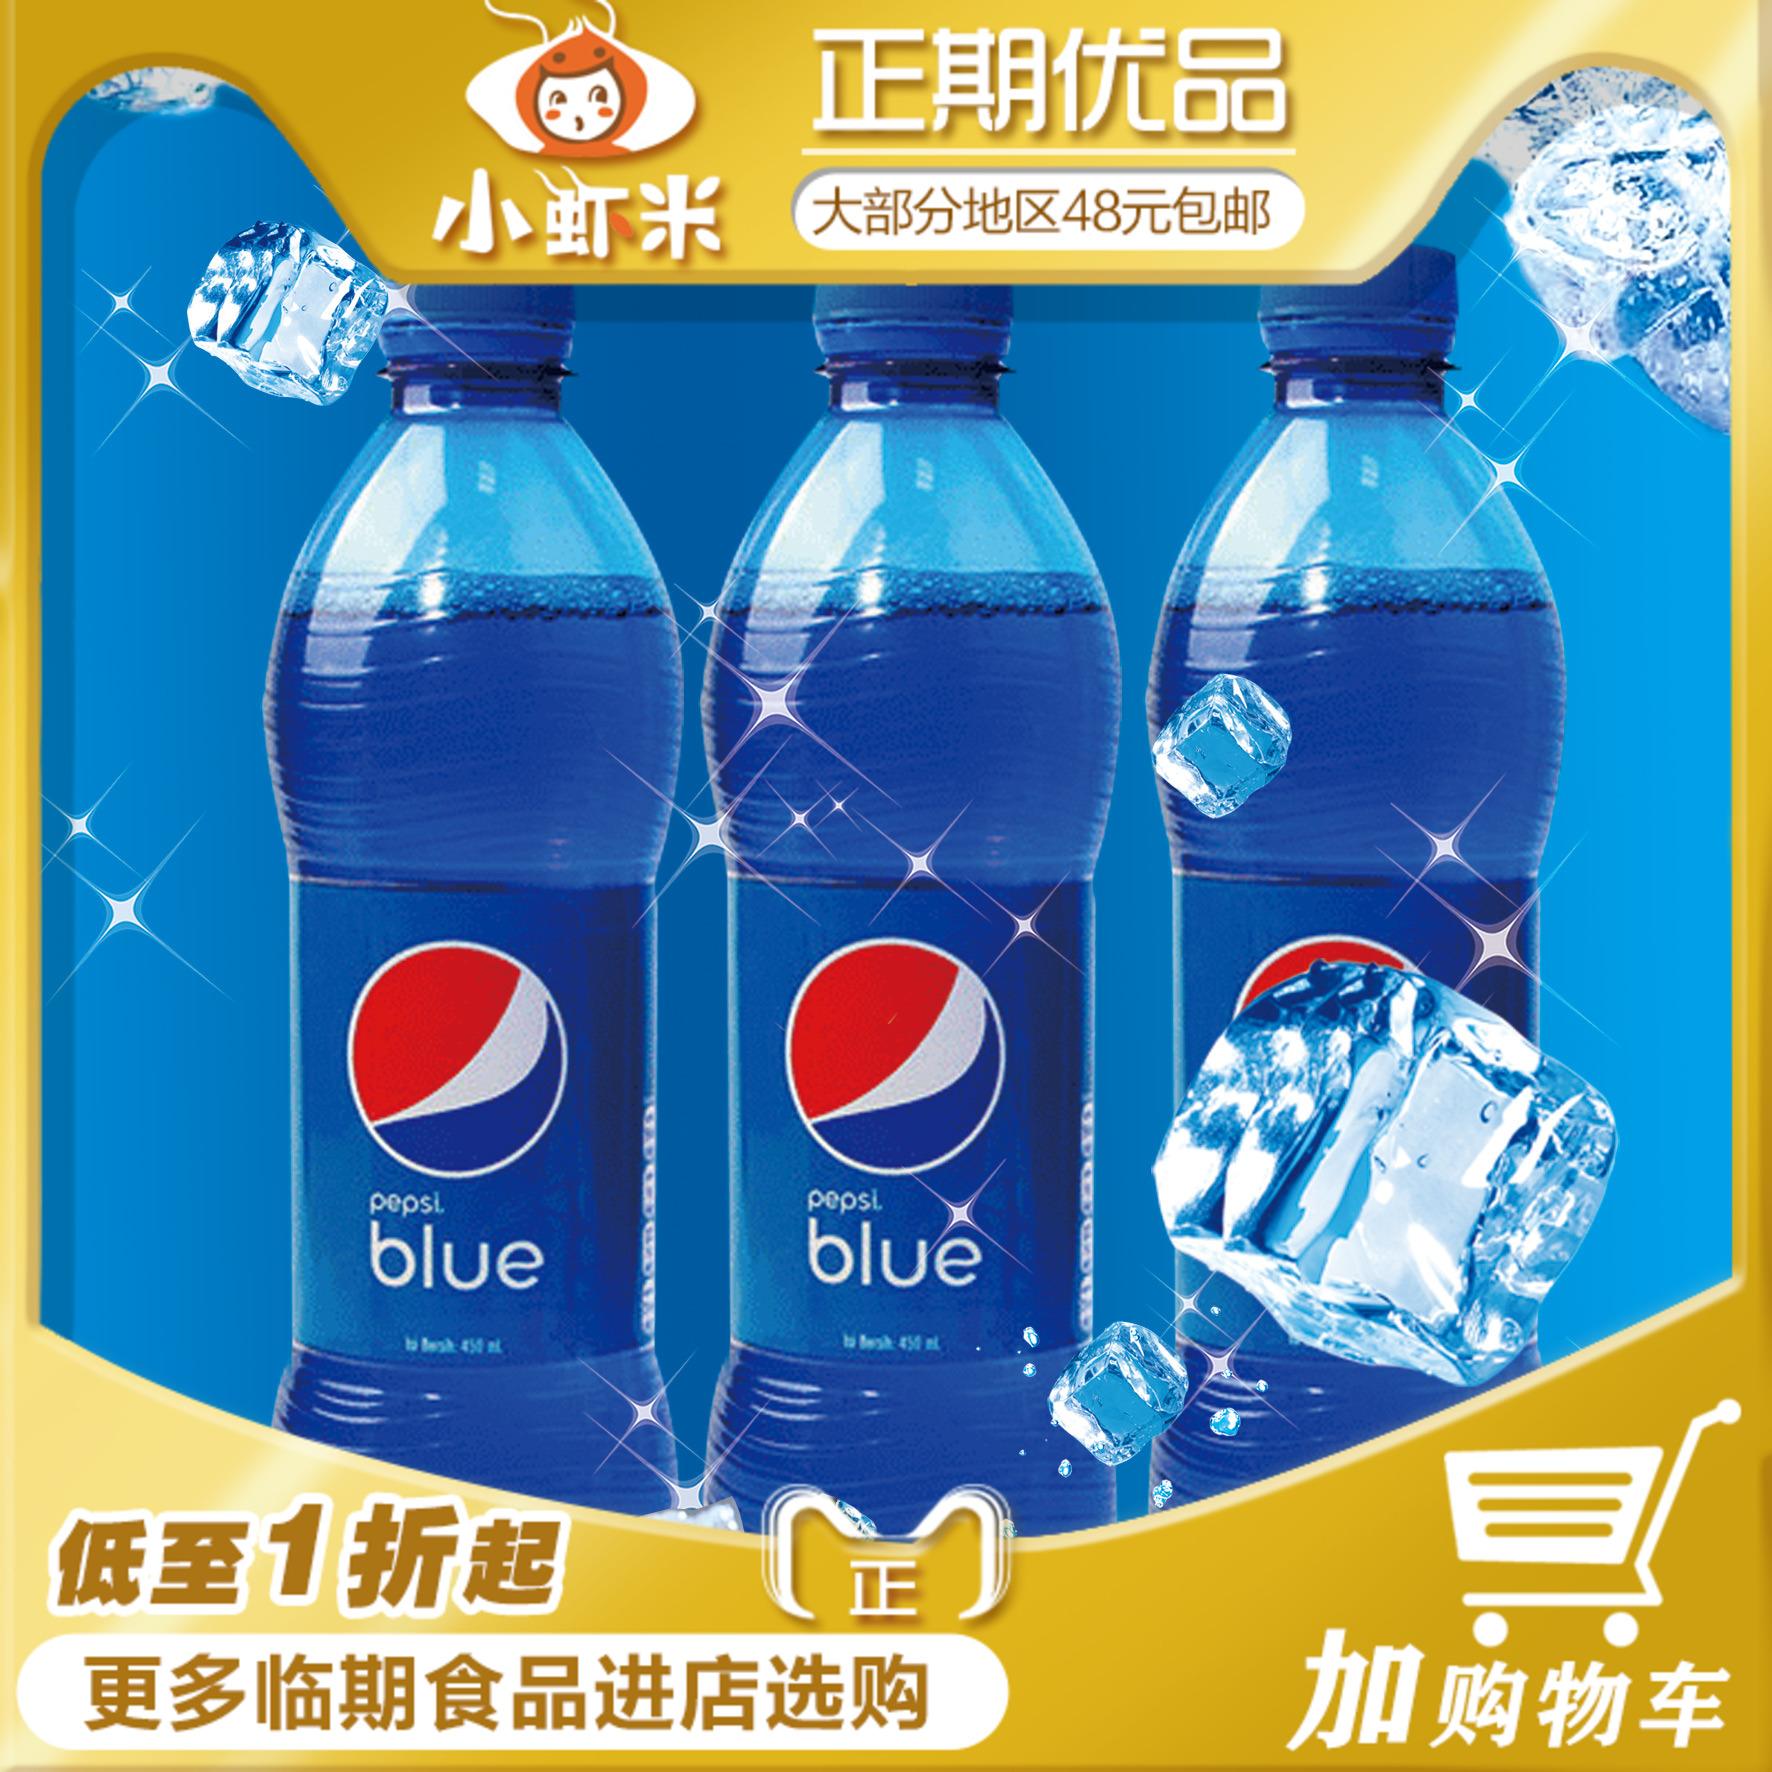 巴厘岛蓝色blue百事可乐 印尼进口饮品网红碳酸饮料梅子口味汽水